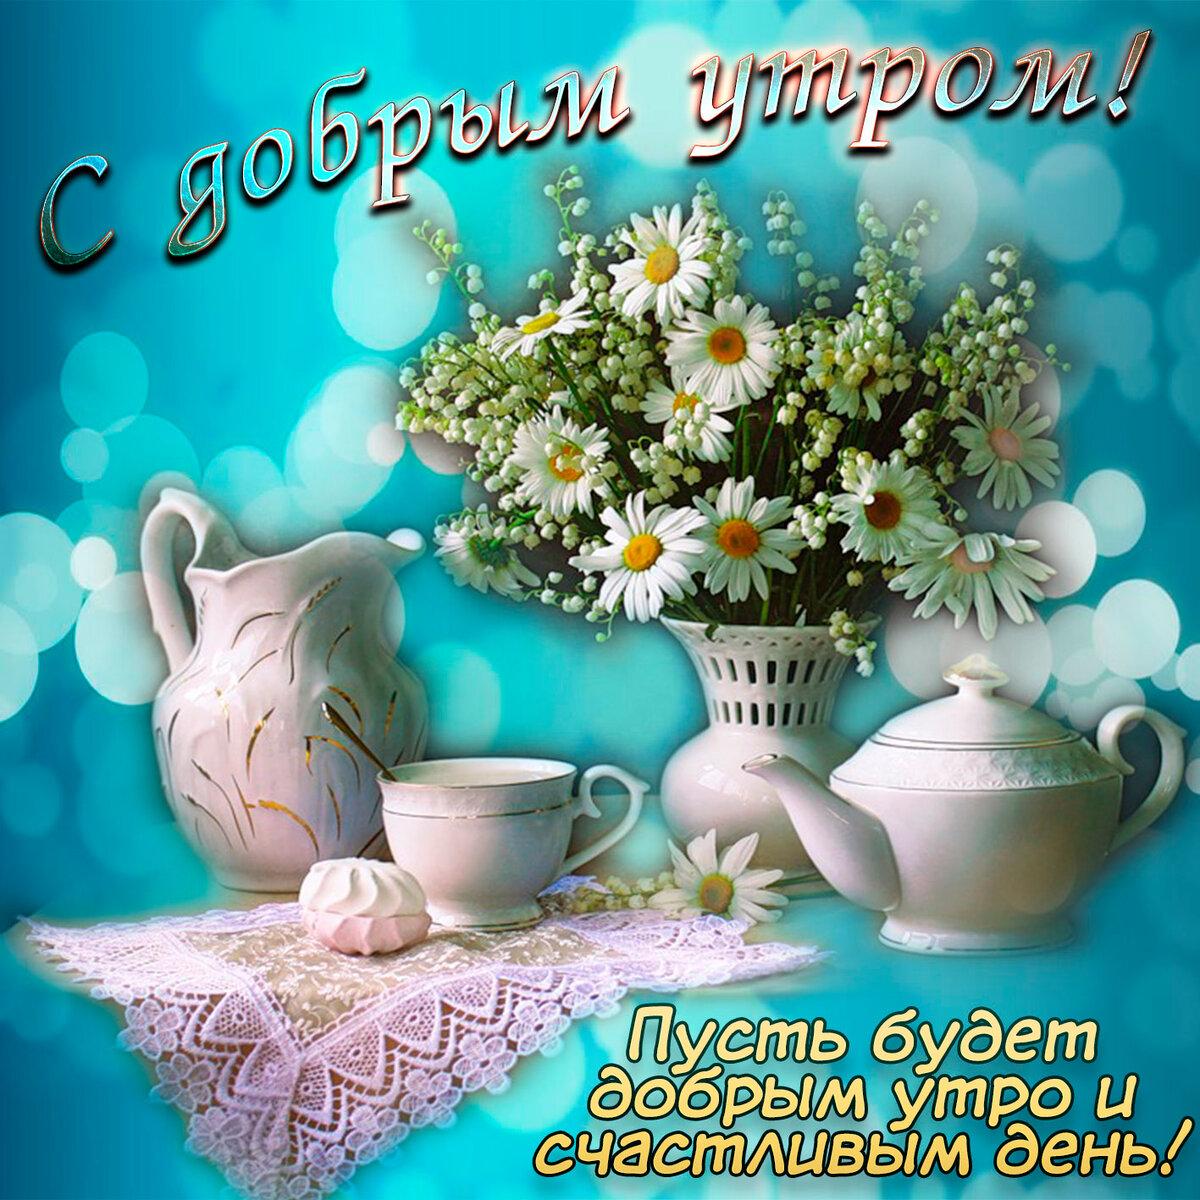 Пожелание доброго утра и хорошего дня в картинках по дням